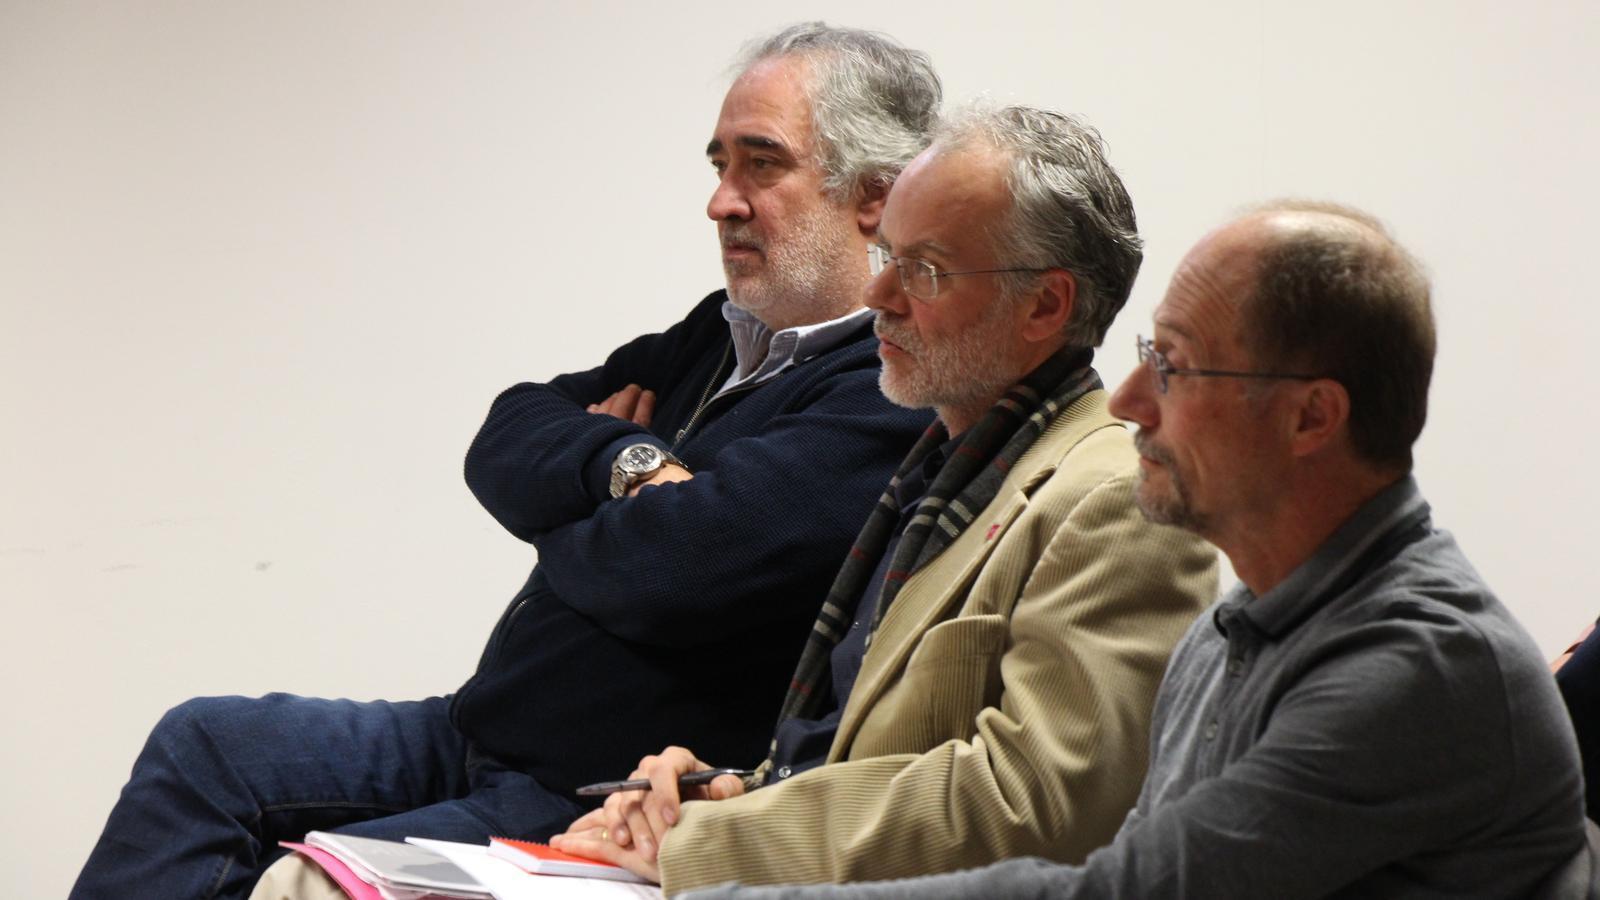 El futur candidat d'SDP, Josep Roig, durant la celebració del consell nacional de Progressistes-SDP. / M. M.